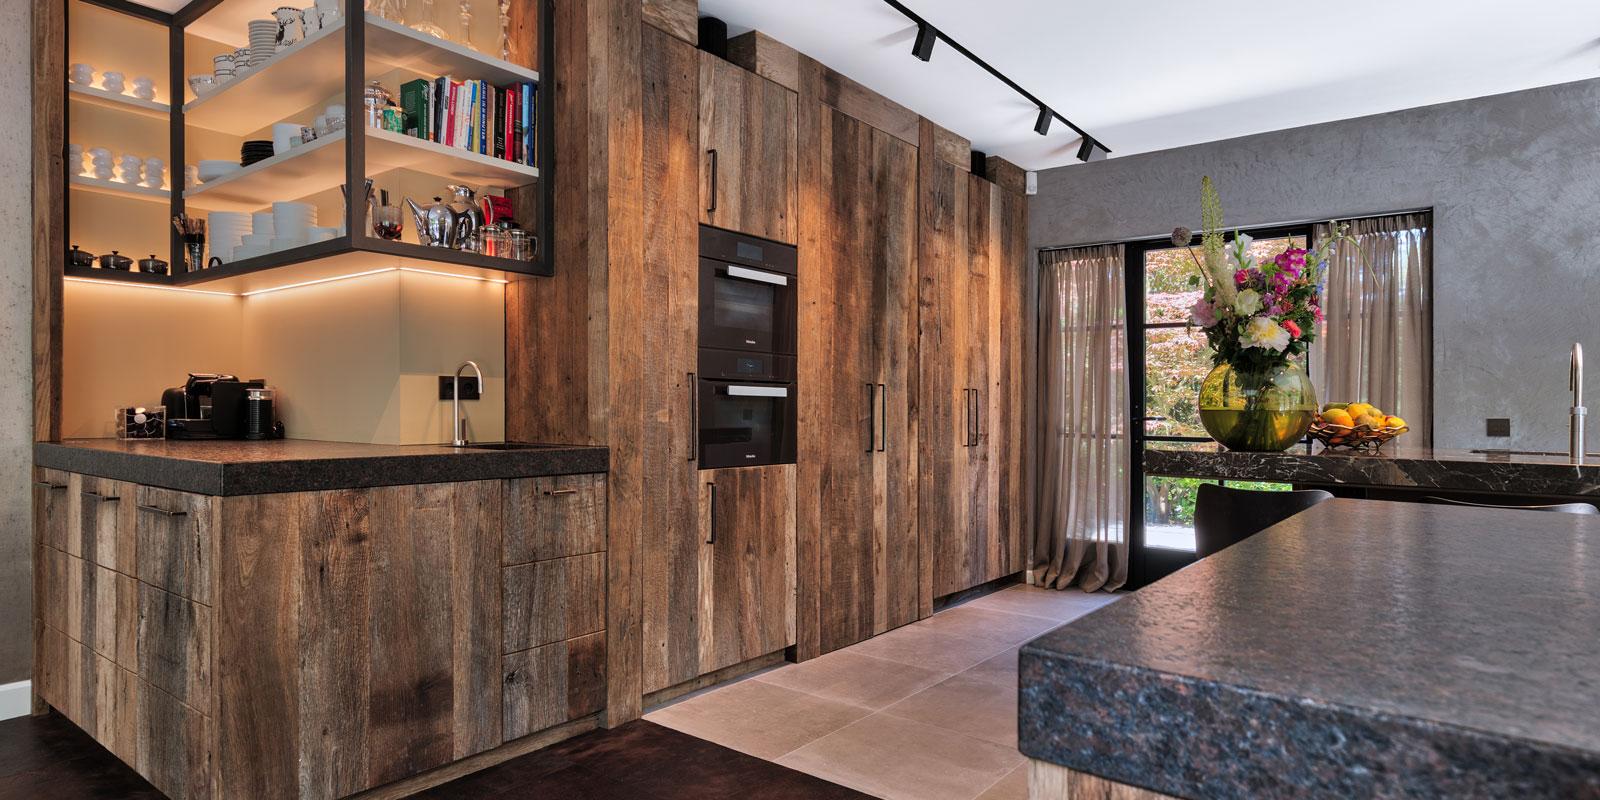 derk exclusief interieur luxe keuken luxe slaapkamer luxe woonkamer the art